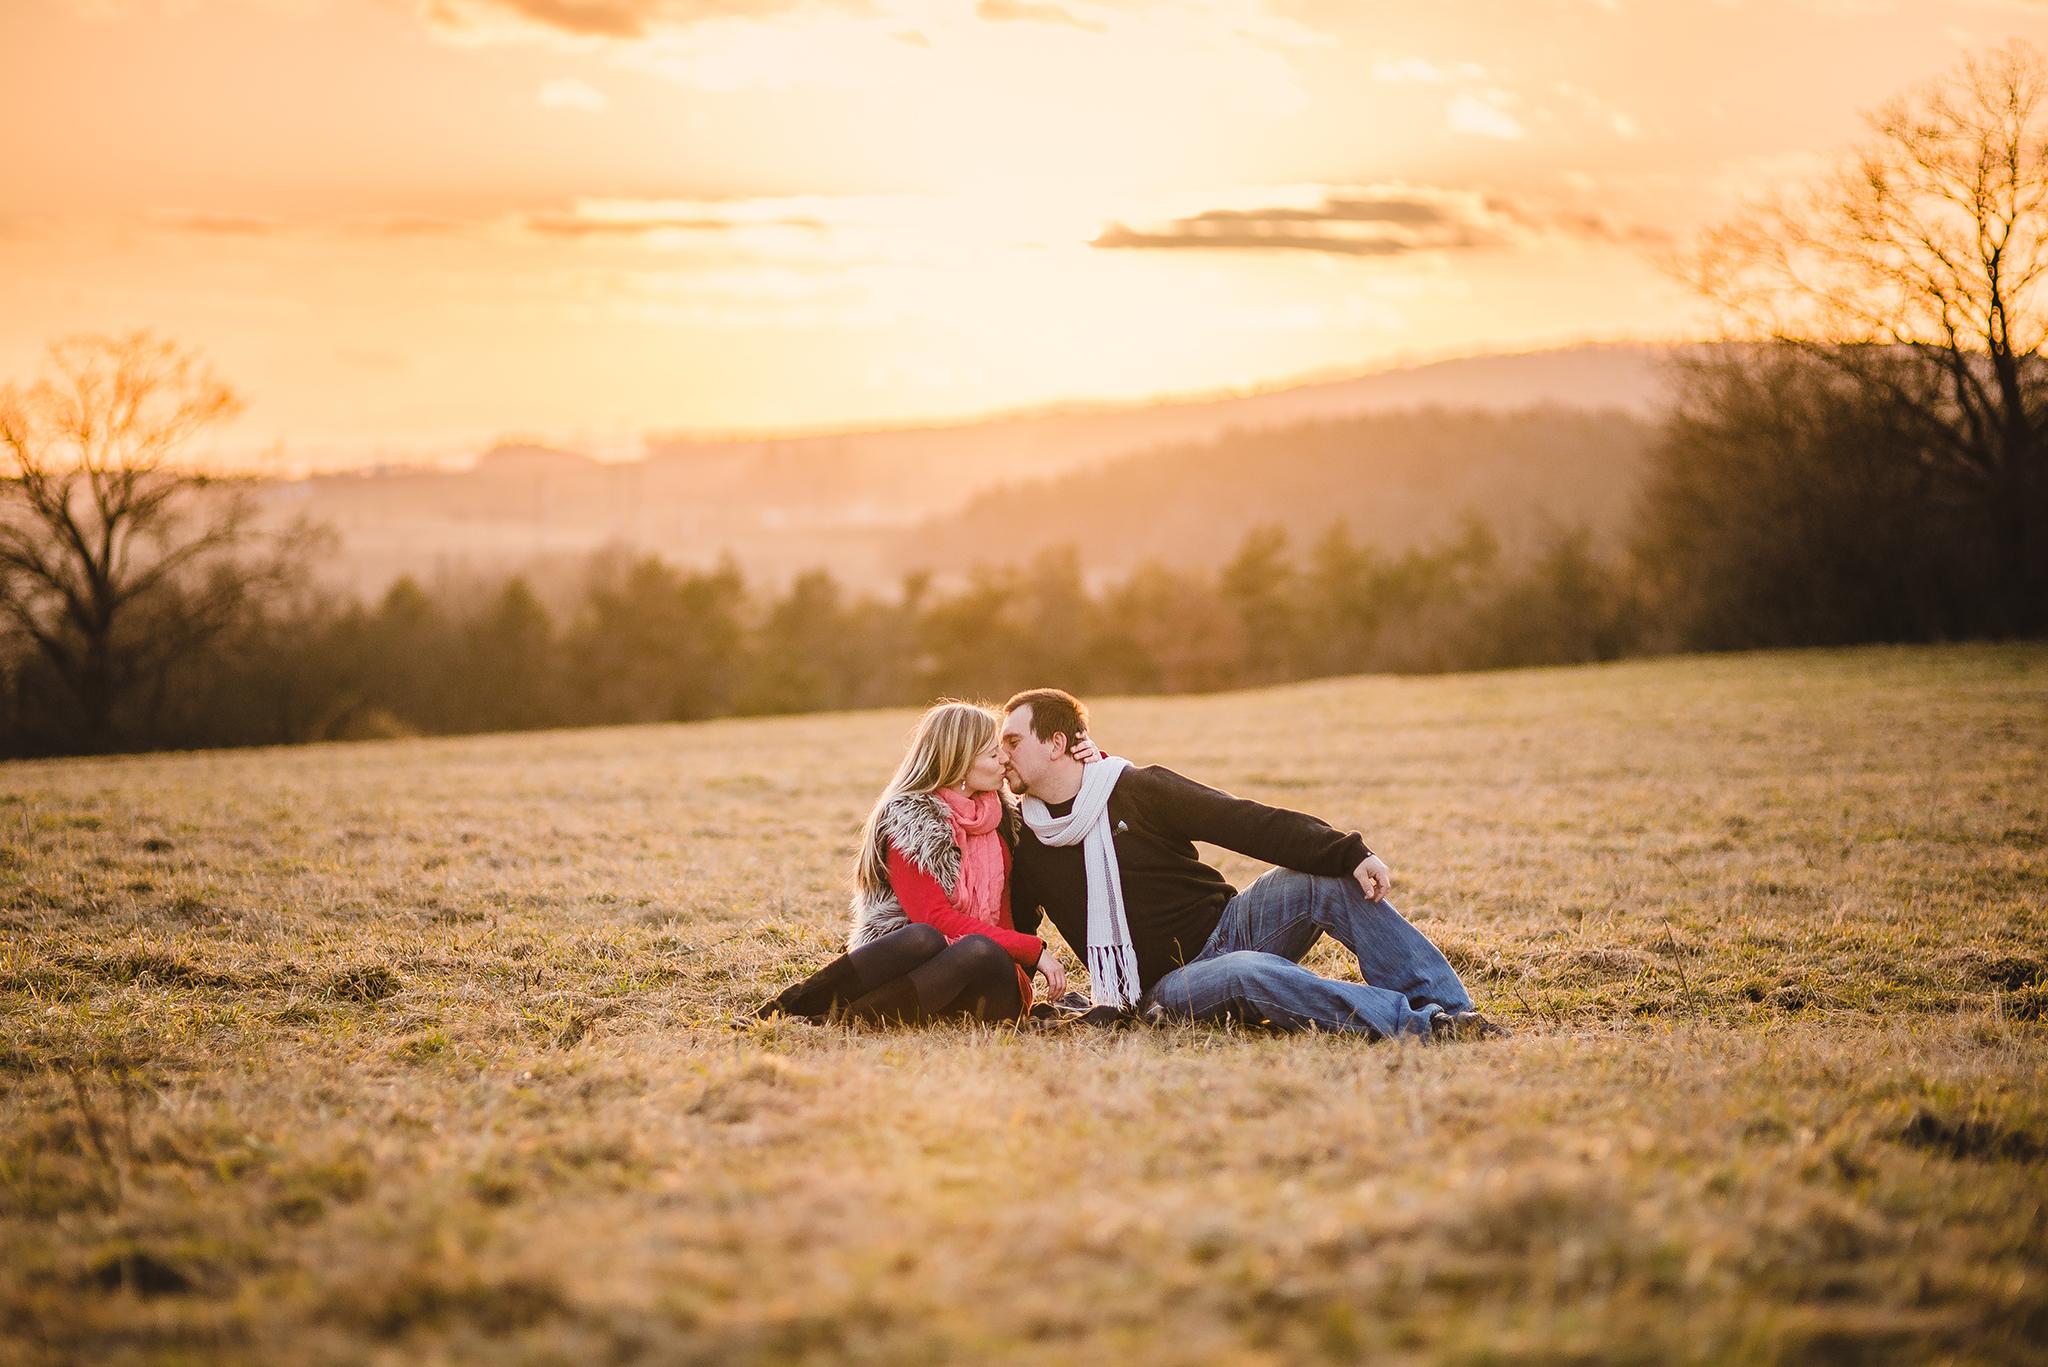 láska, príroda, love, lúka, západ slnka, sunset, romantika, bozk, pusa, kiss, zamilovaný pár